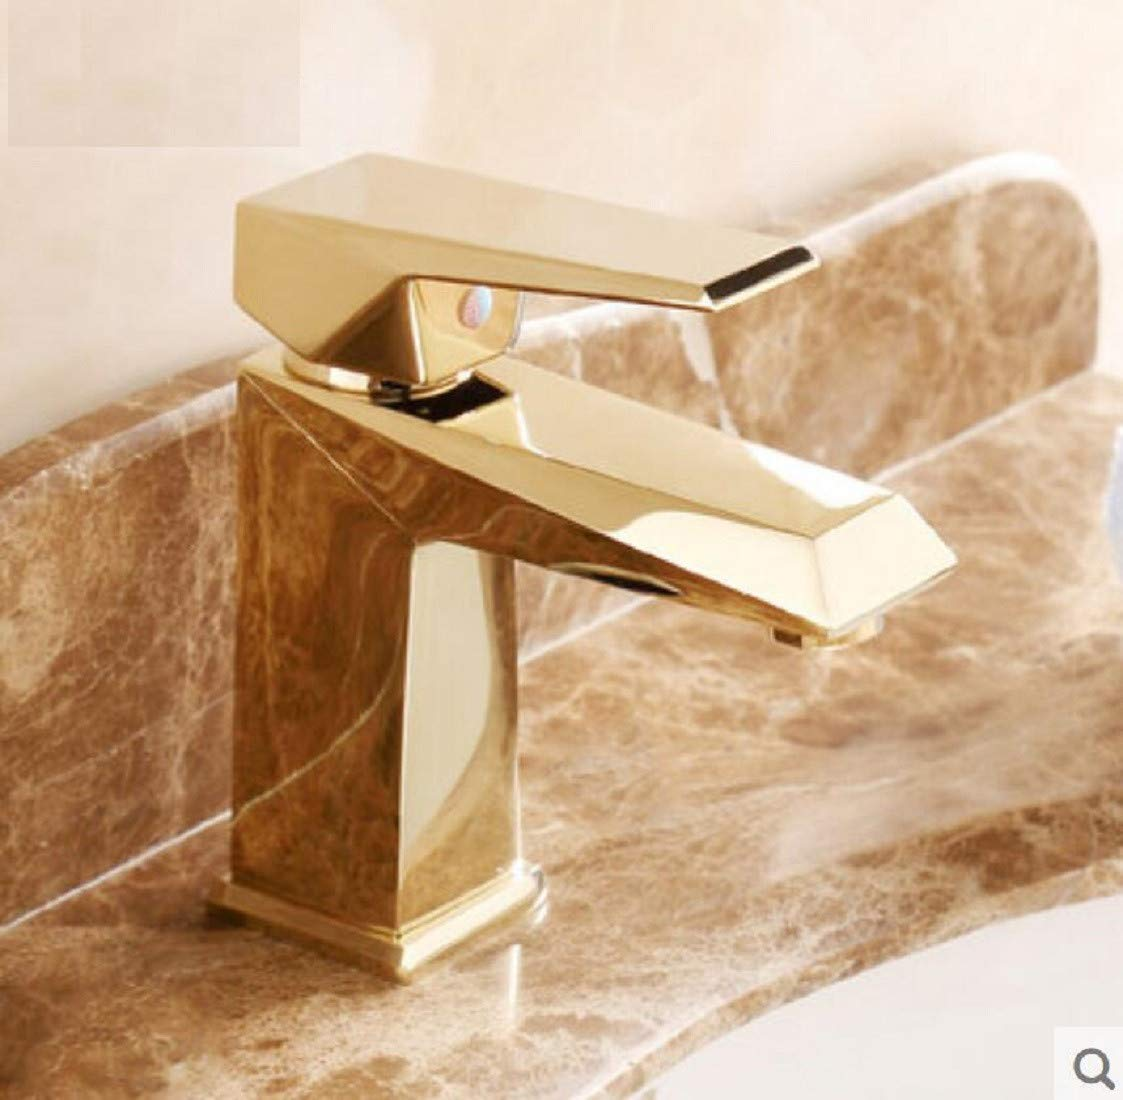 Wasserhahn bad Waschtischarmatur Heißes und kaltes wasser badezimmer waschbecken becken wasserhahn